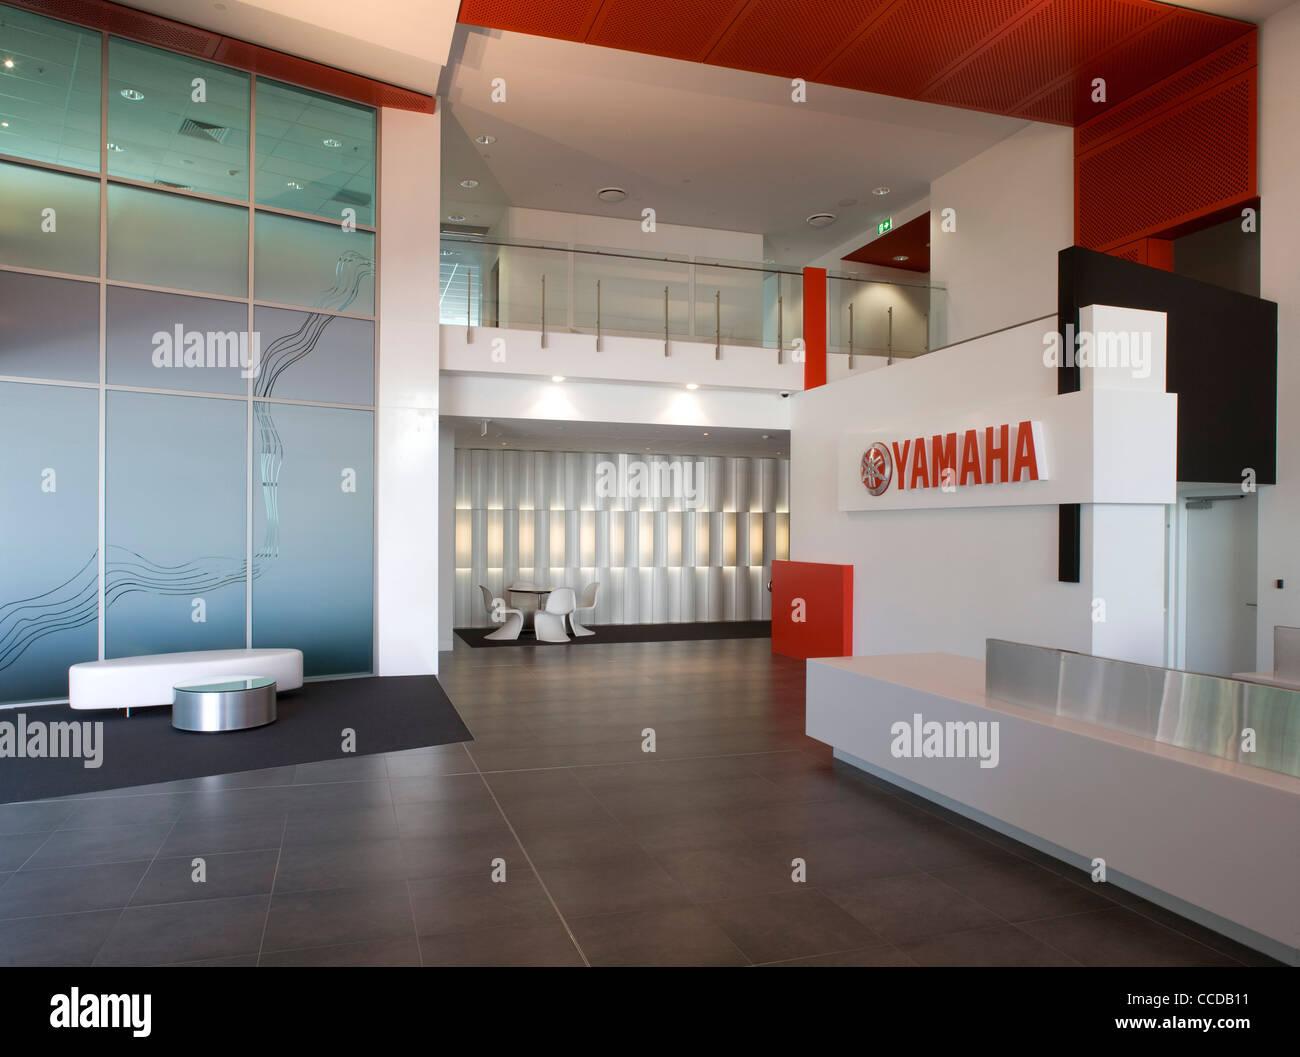 Yamaha Office Brisbane Queensland Biscoe Wilson Architects Marine ...